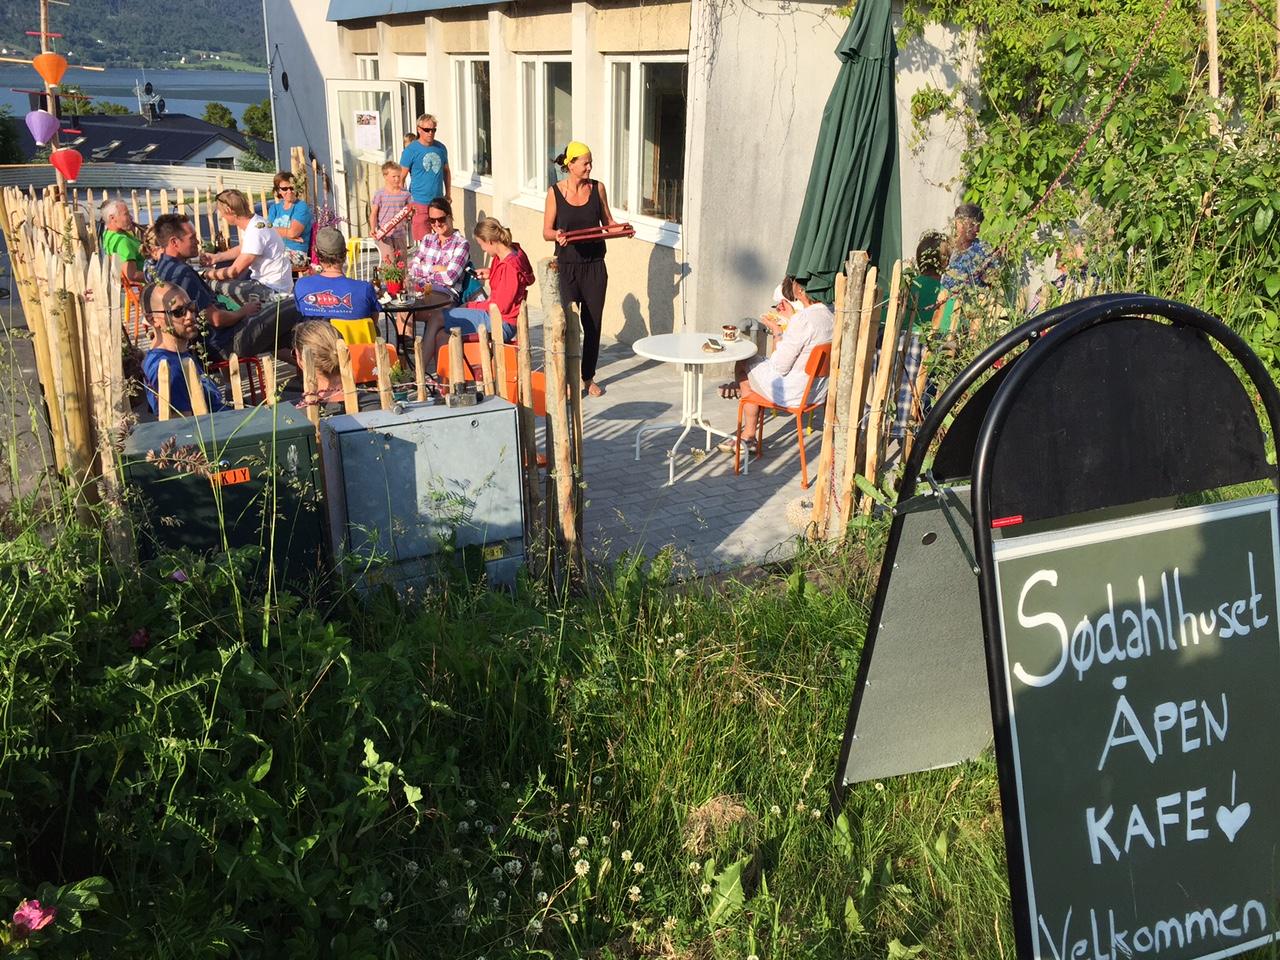 Solfylt terrasse på Sødahlhuset. Det gode liv i fjellbyen Åndalsnes. Foto: Odd Roar Lange